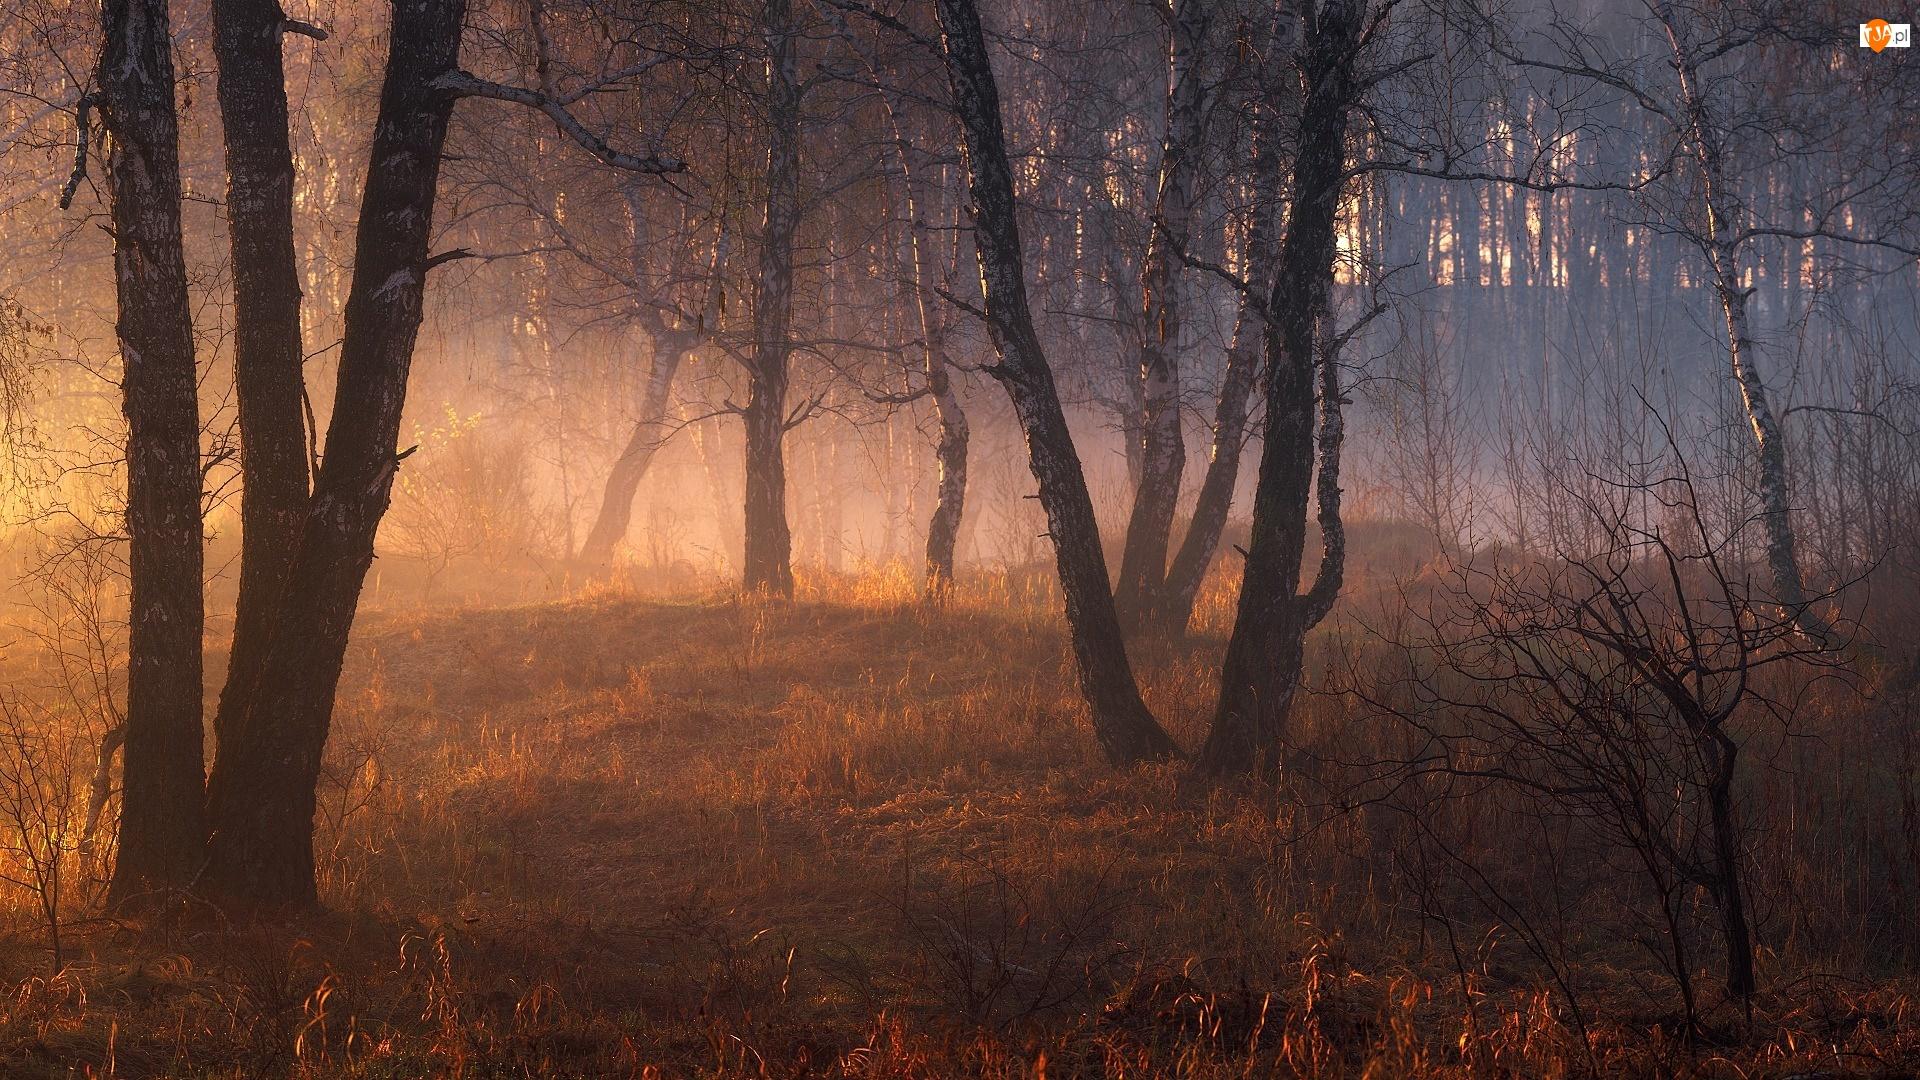 Drzewa, Las, Mgła, Słoneczne, Brzozy, Światło